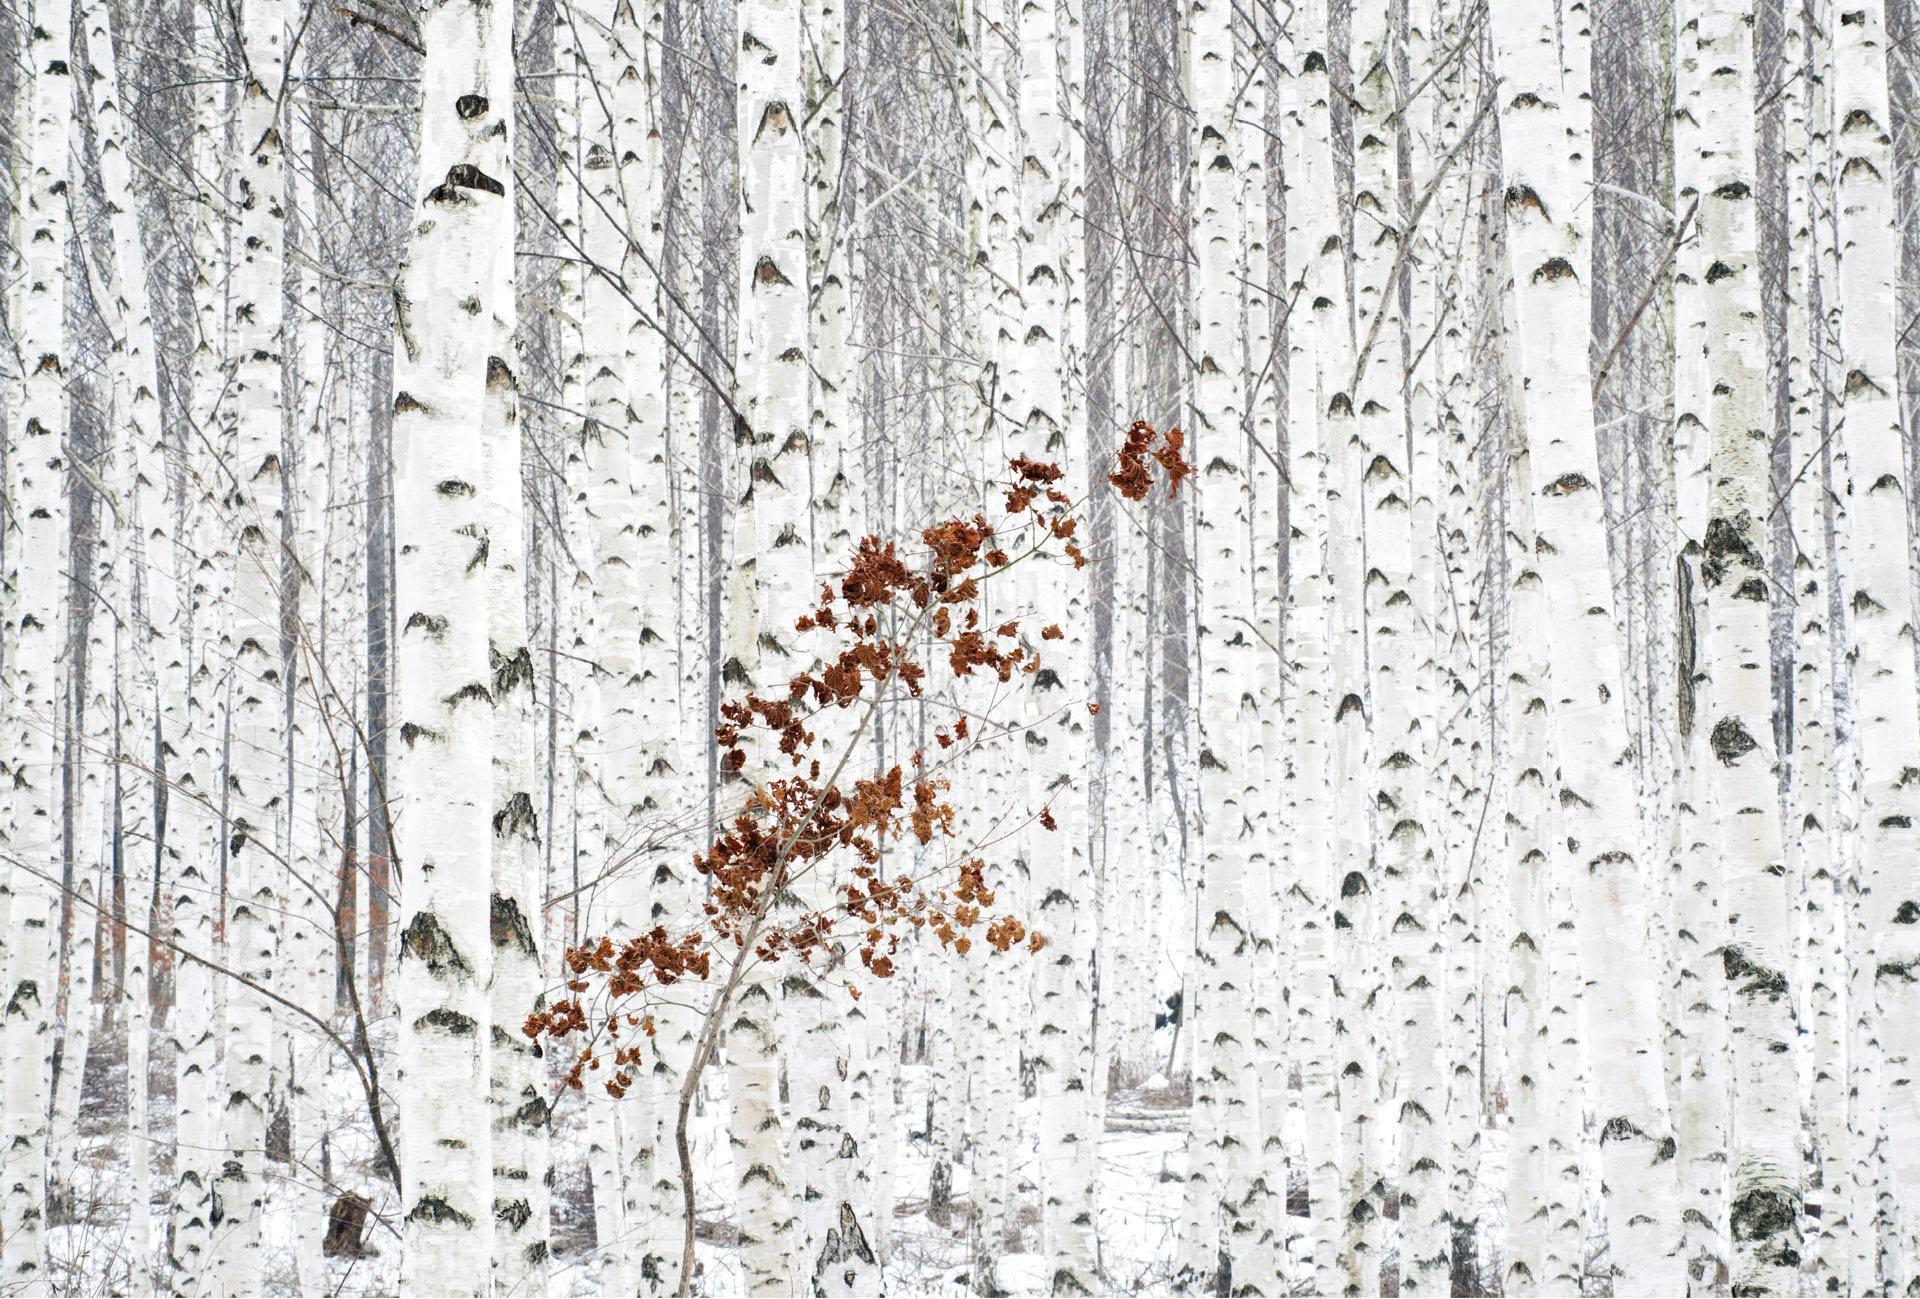 Fototapete Han - Birkenwald 384/260 cm Wohnen/Wohntextilien/Tapeten/Fototapeten/Fototapeten Natur